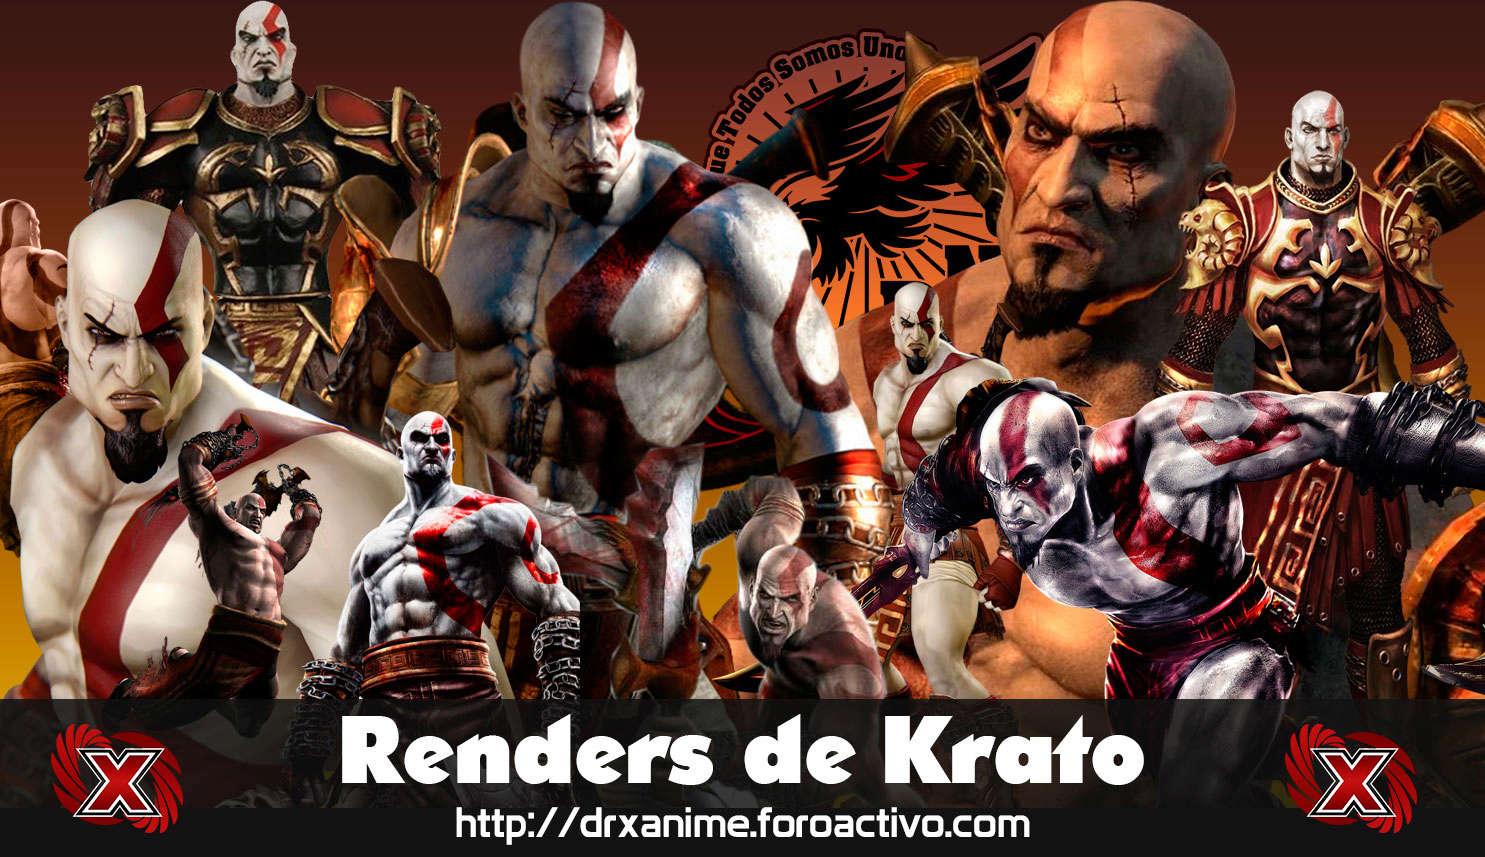 11 Renders de Krato - Dios de la Guerra Render10